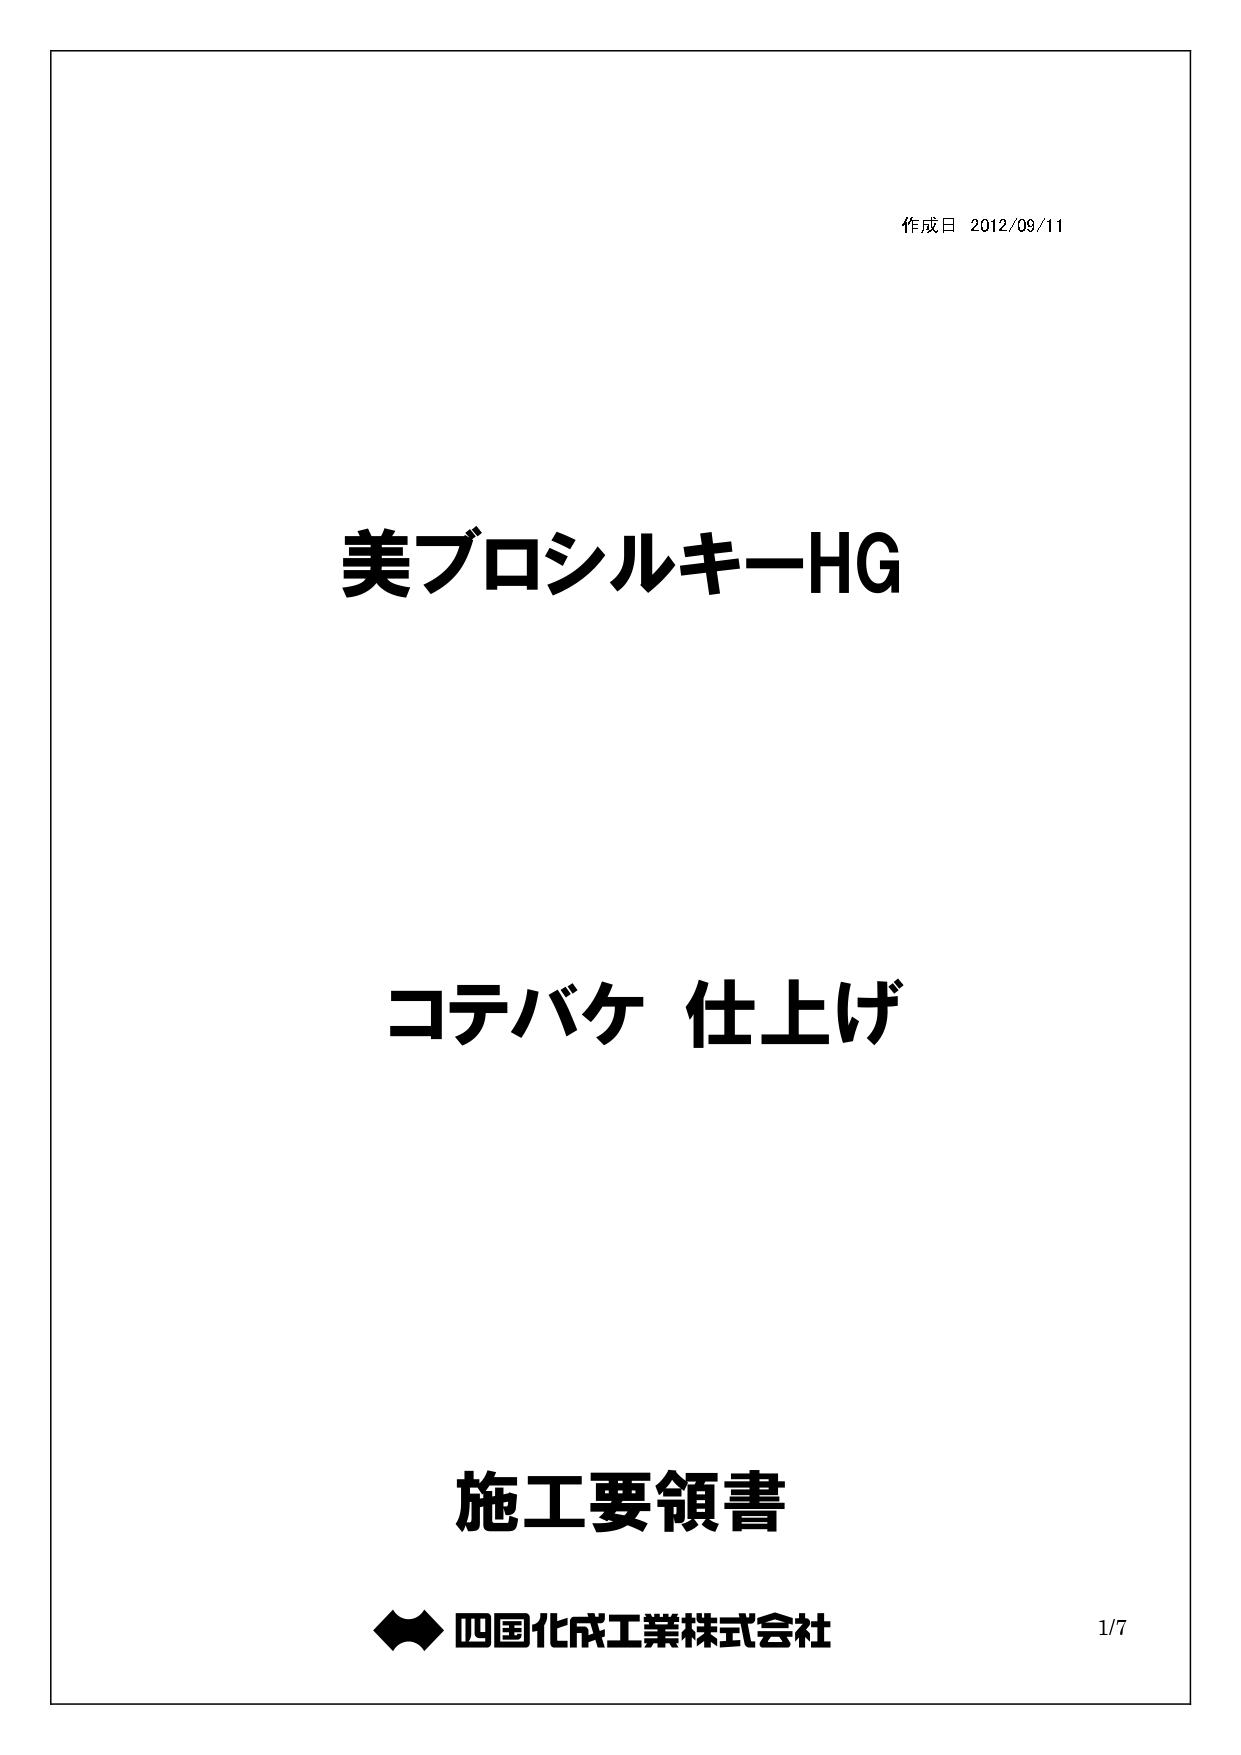 美ブロシルキーHG コテバケ仕上げ 施工説明書_page-0001